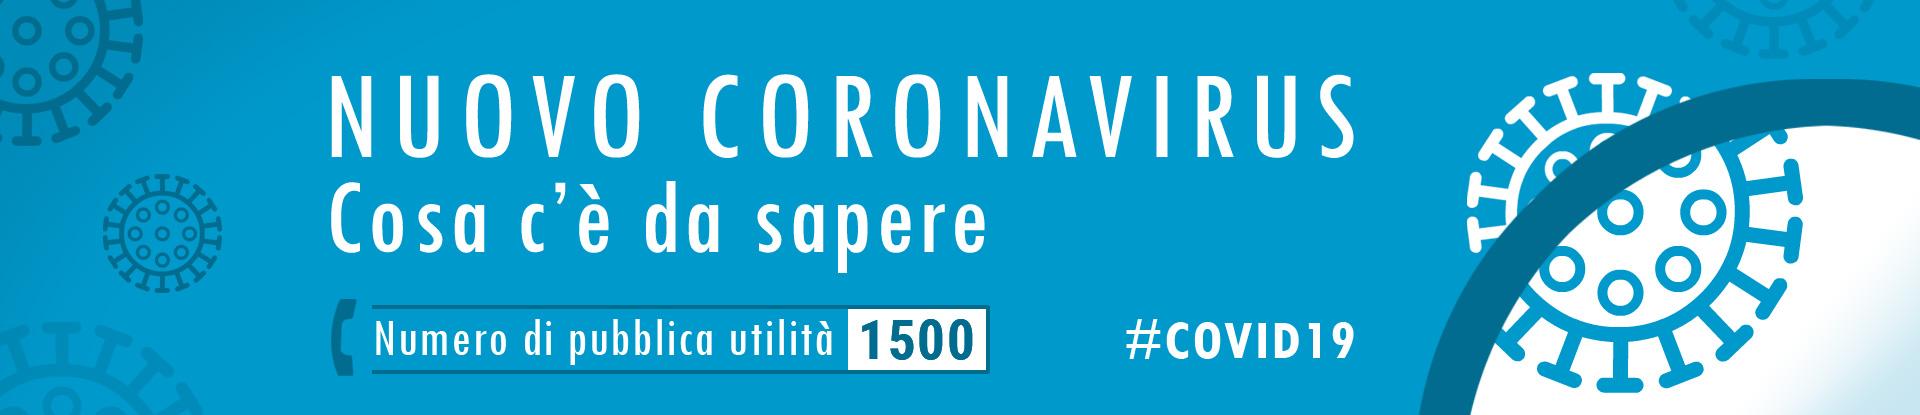 CORONAVIRUS: da domenica 17 gennaio la Regione Marche in zona Arancione